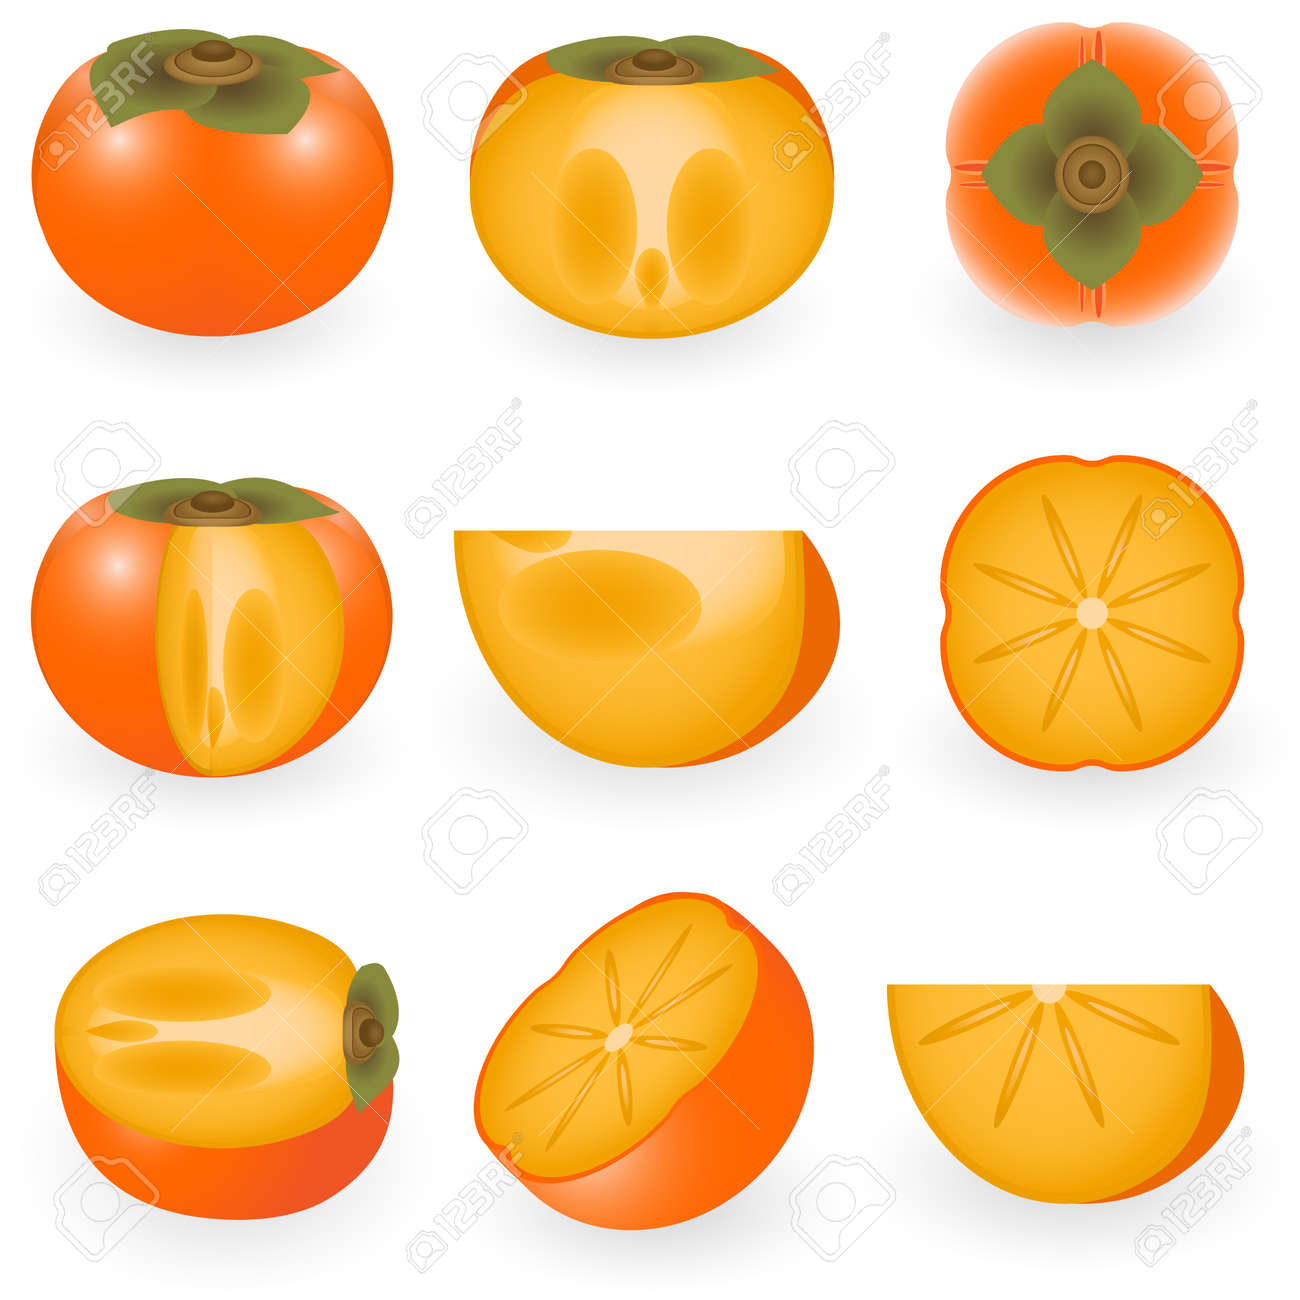 柿のベクトル イラストのイラスト素材ベクタ Image 6180683